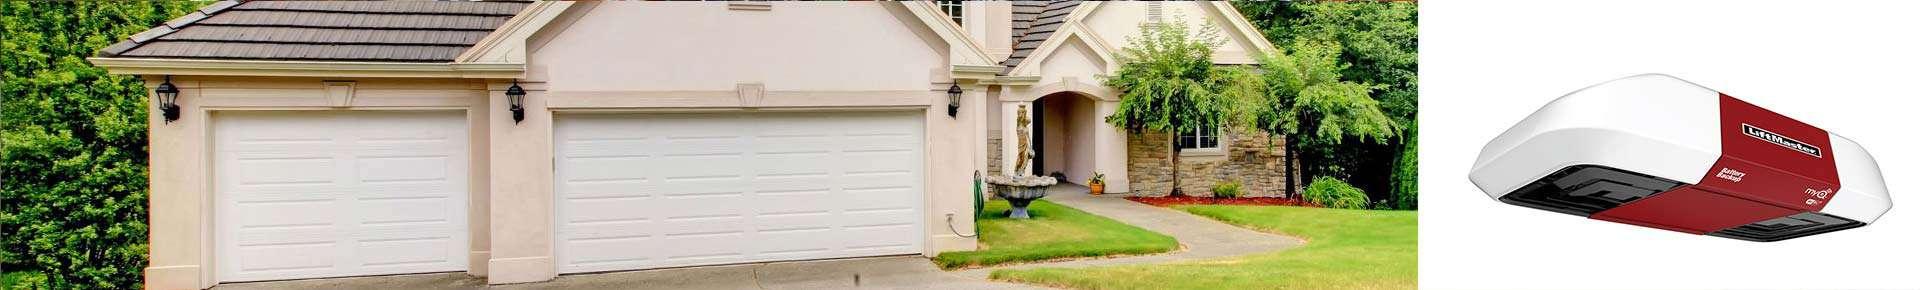 openers-spark-garage-doors